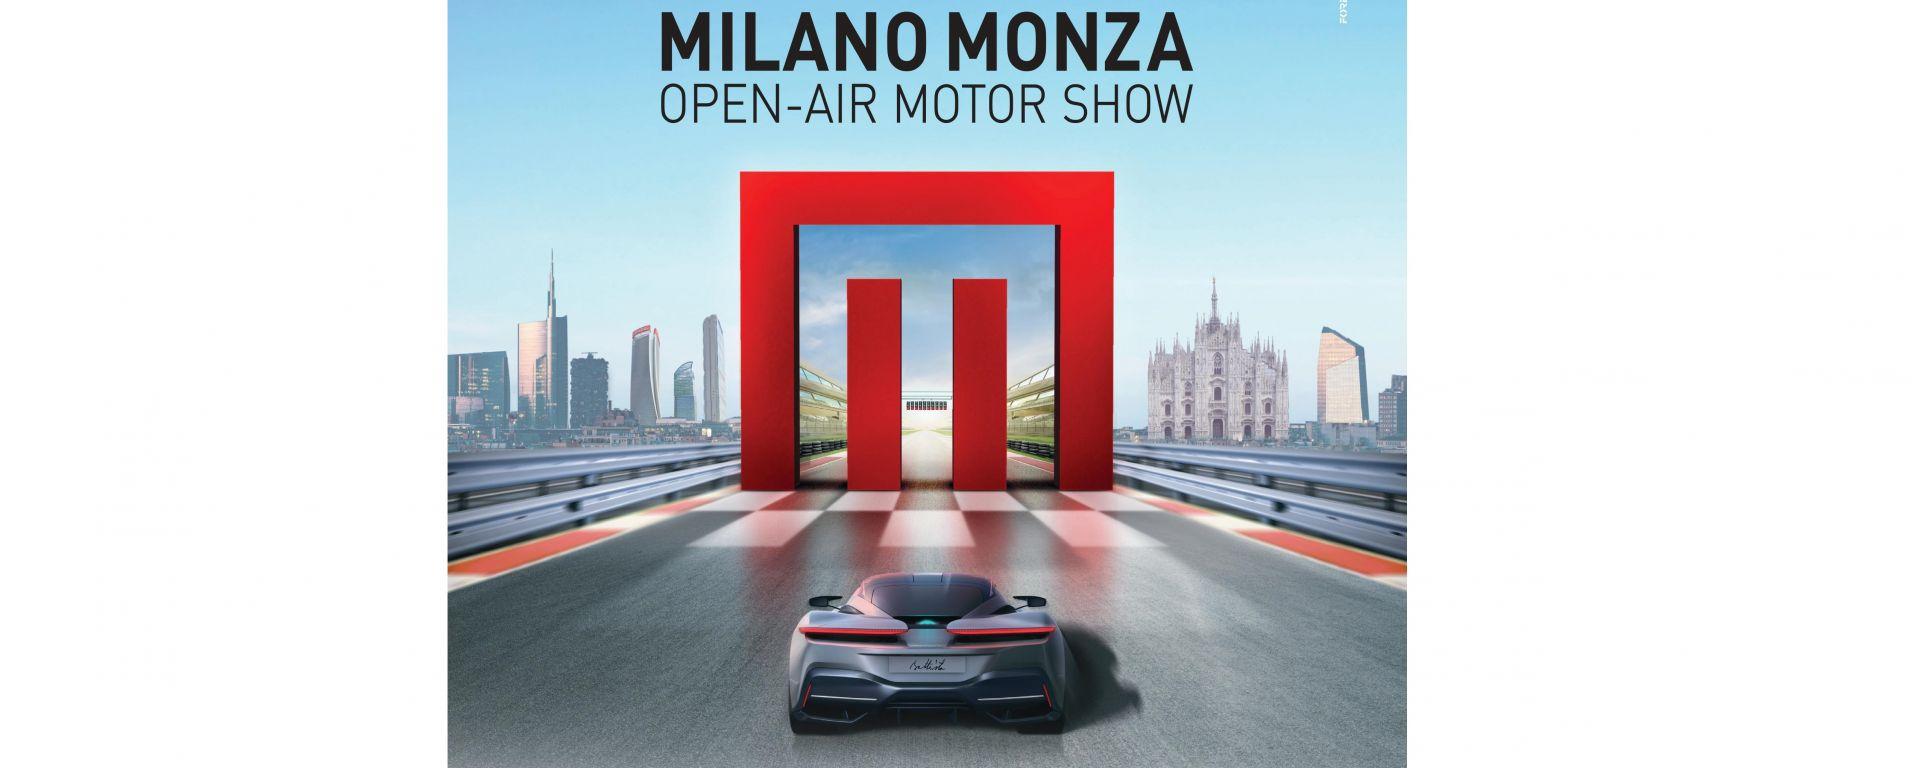 Milano Monza Motor Show: locandina dell'evento